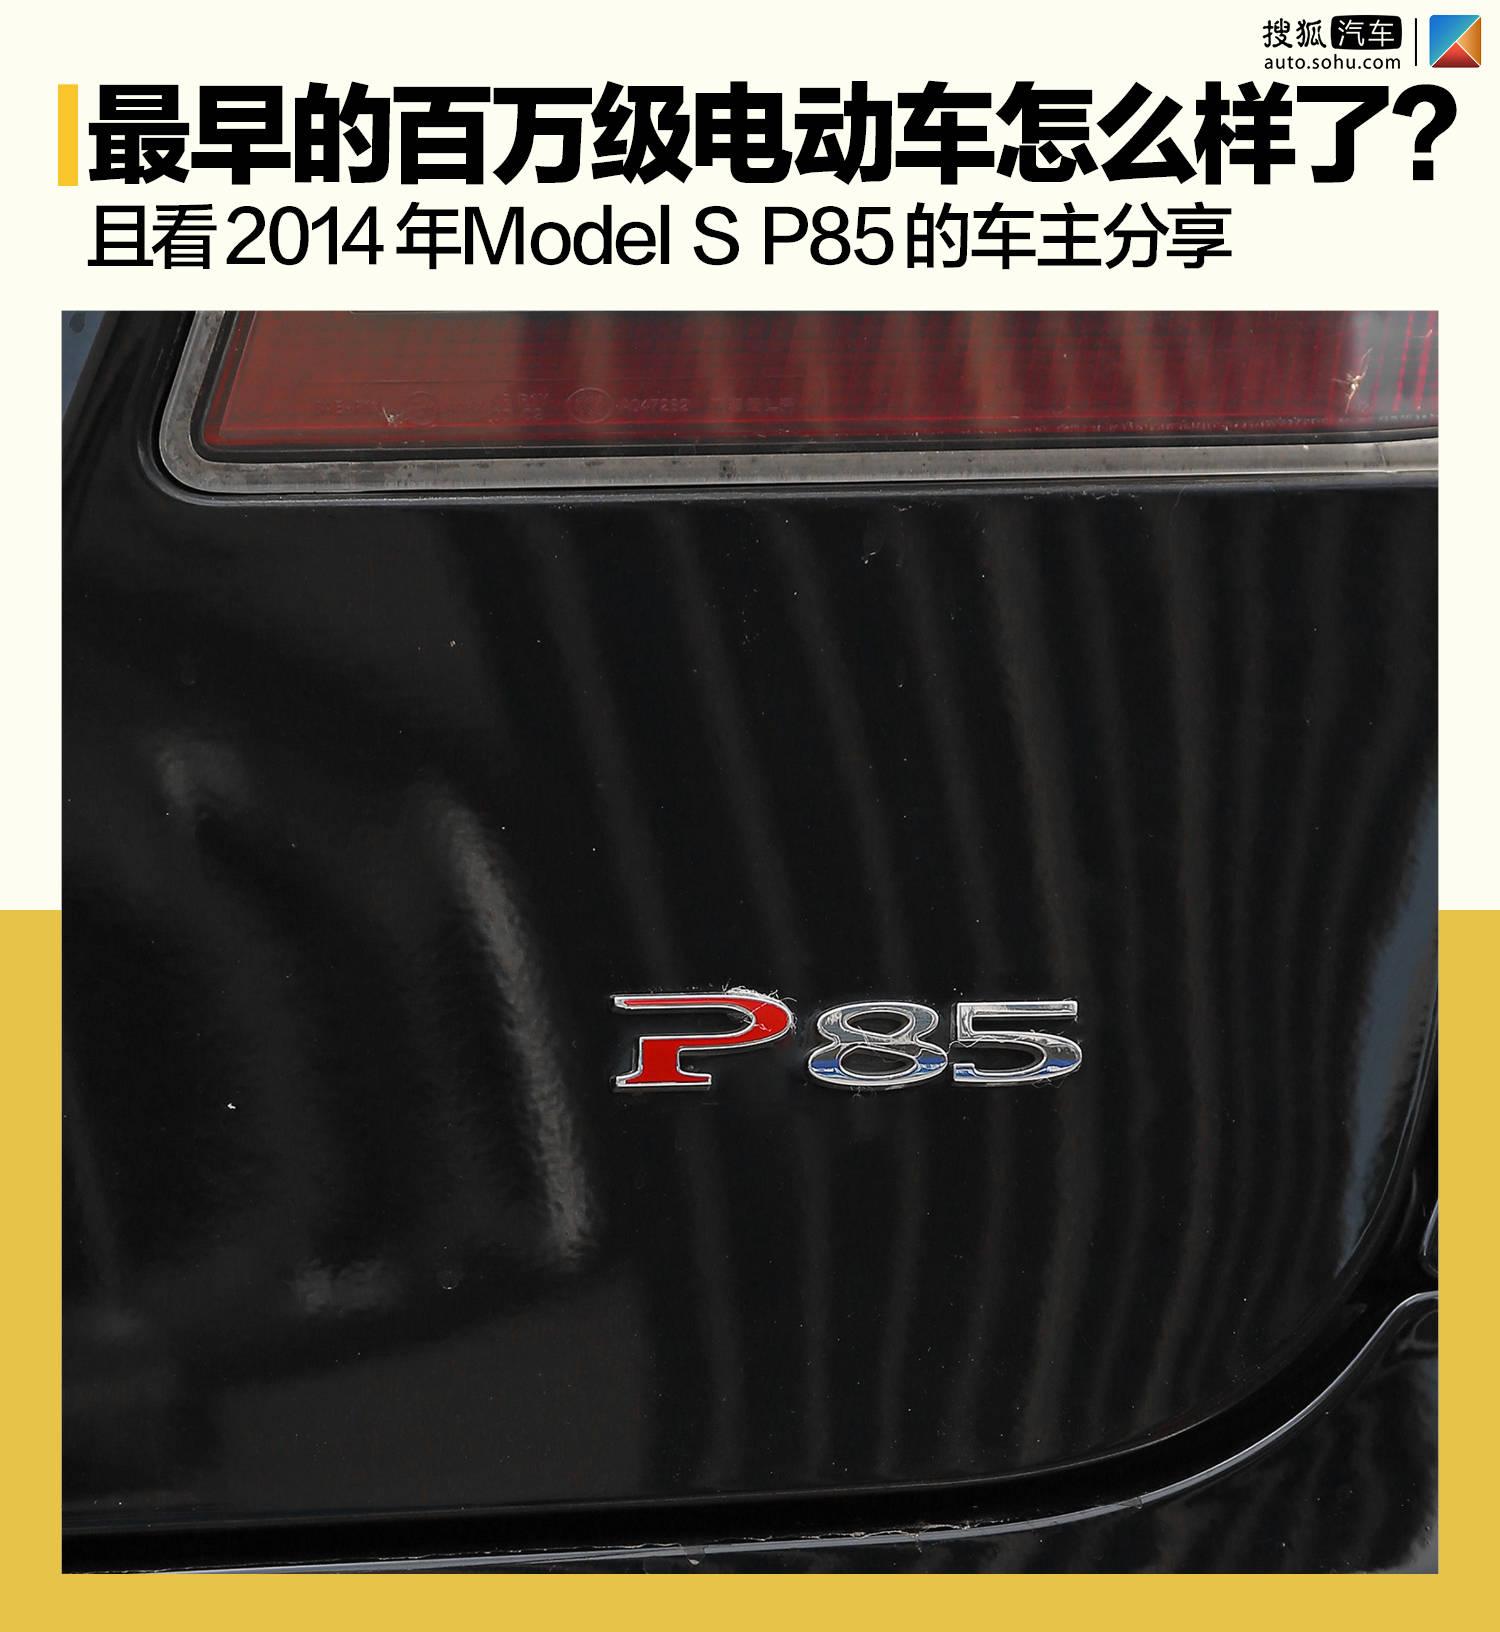 最早的百万级电动车怎么样了? 且看2014年Model S P85的车主分享